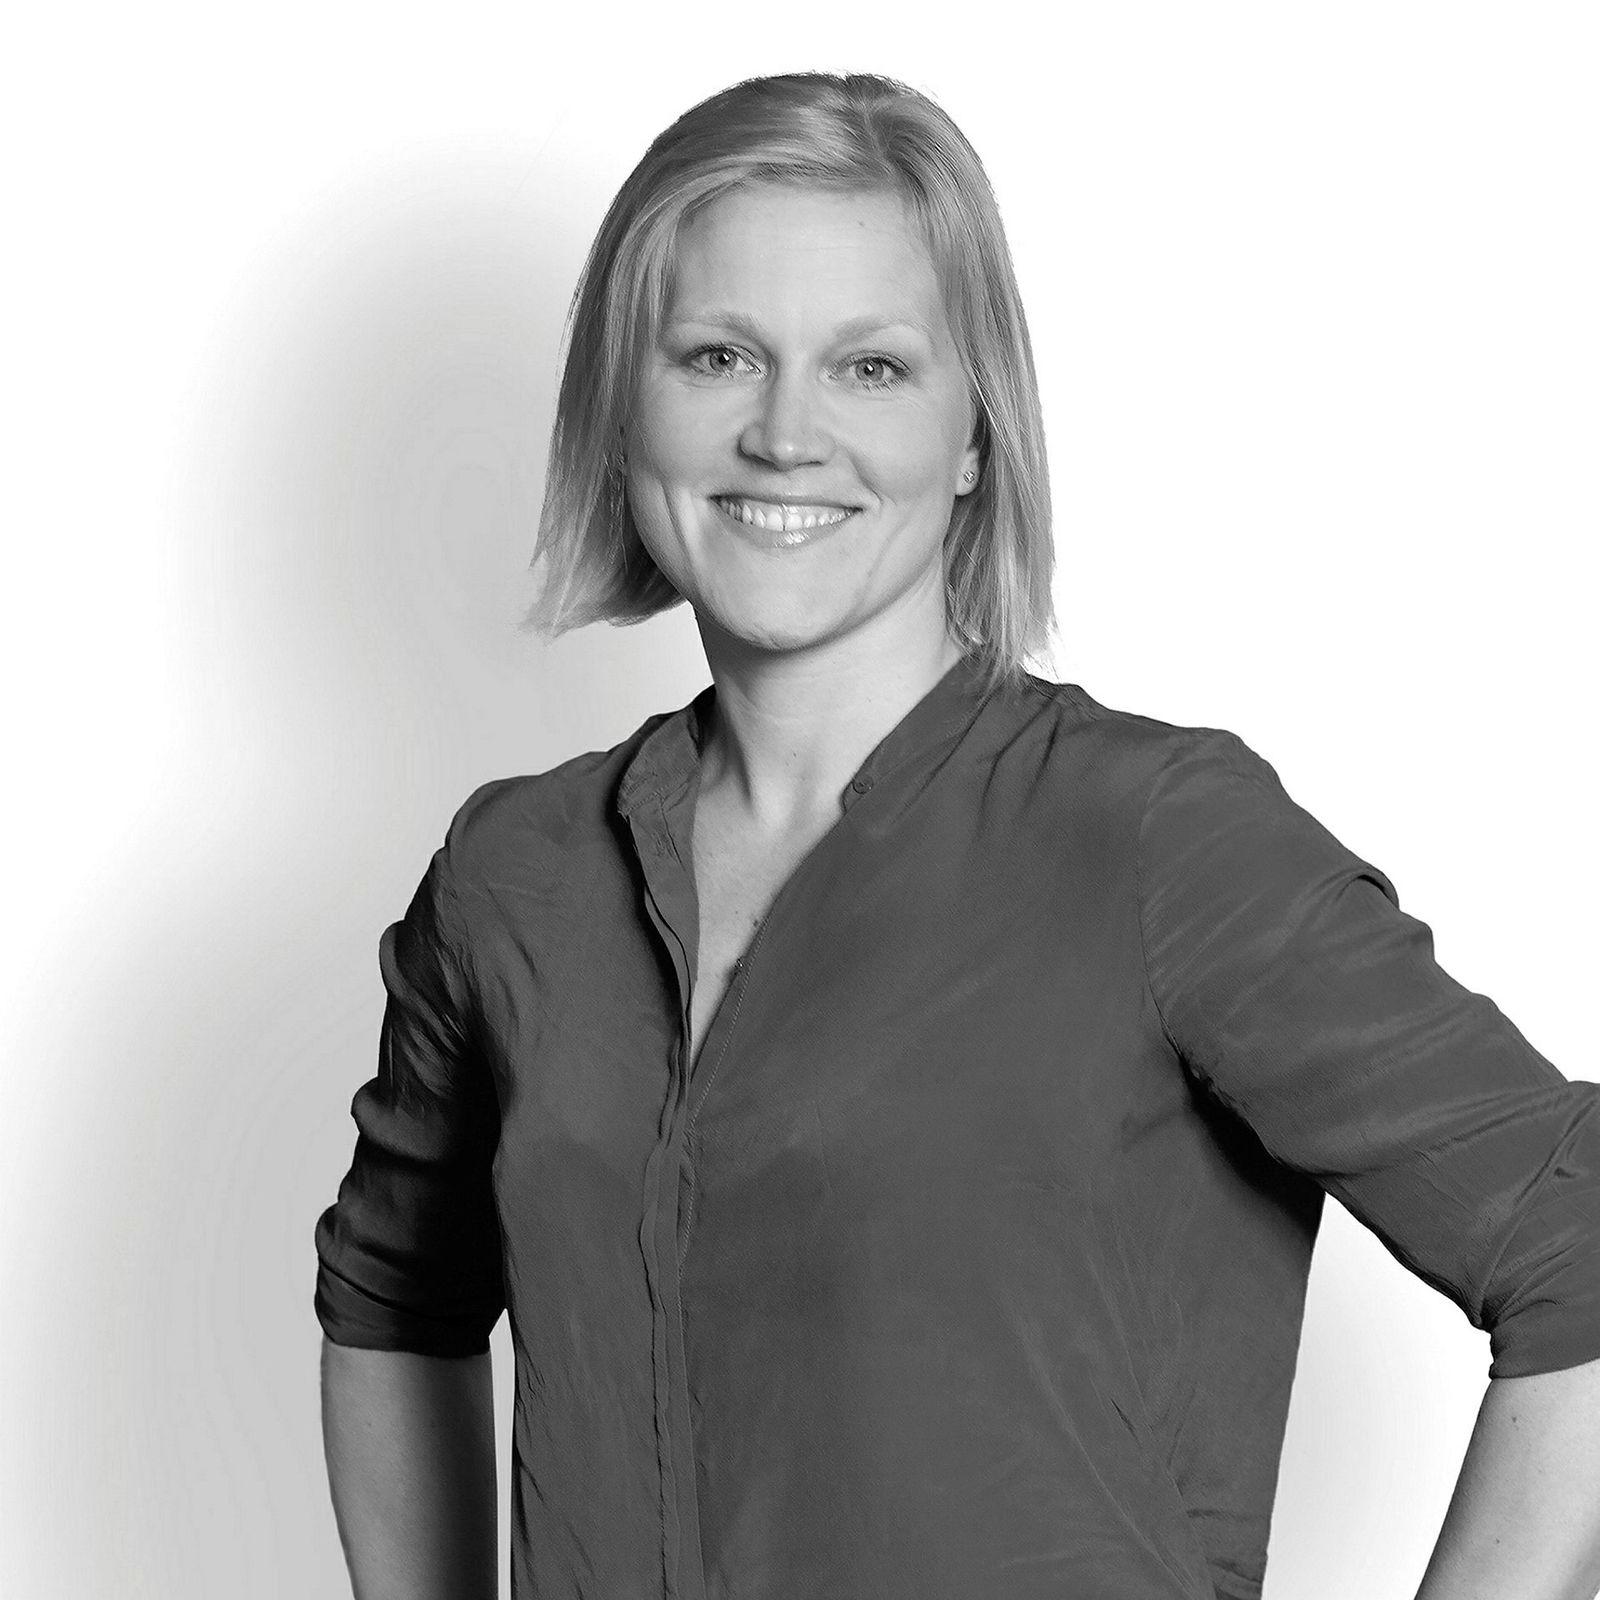 Trine Melsether